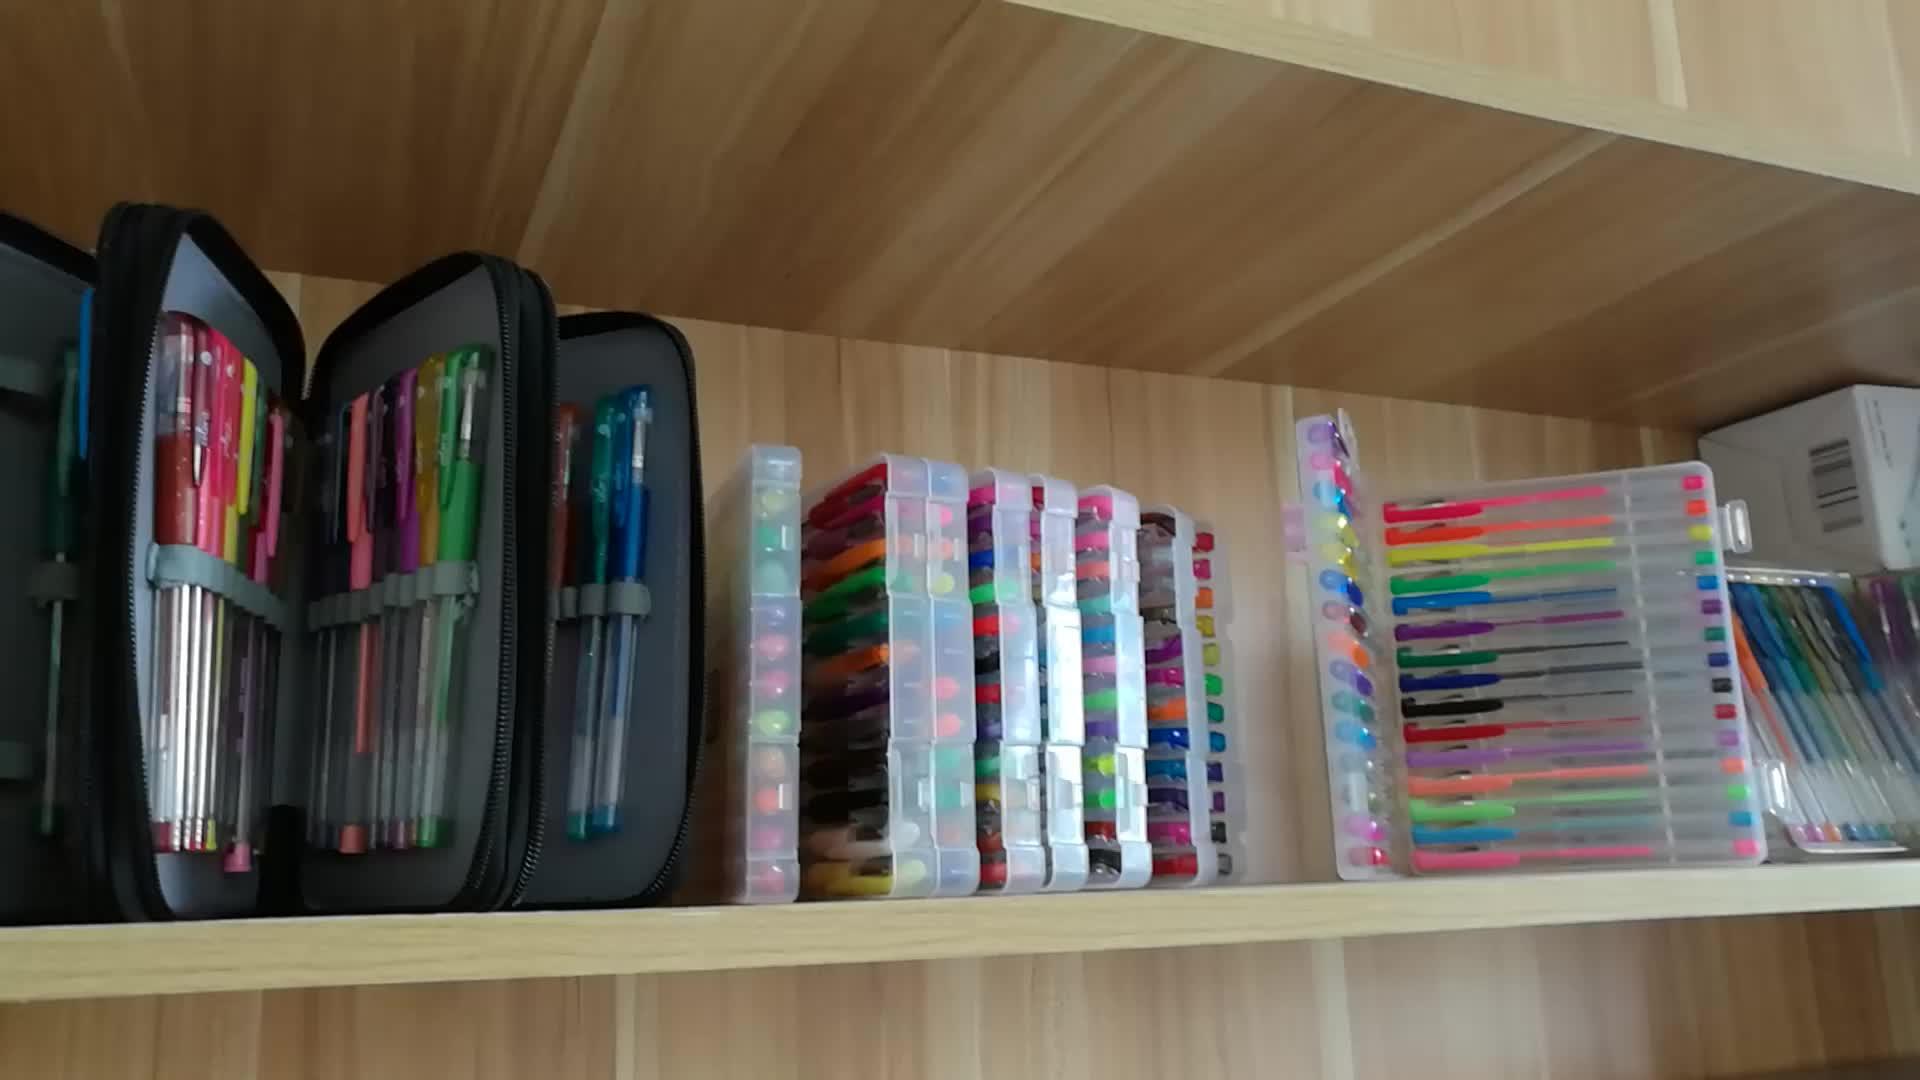 ที่มีสีสันผู้ผลิตไวท์บอร์ดชุดเครื่องหมาย4สีแม่เหล็กปากกาไวท์บอร์ด